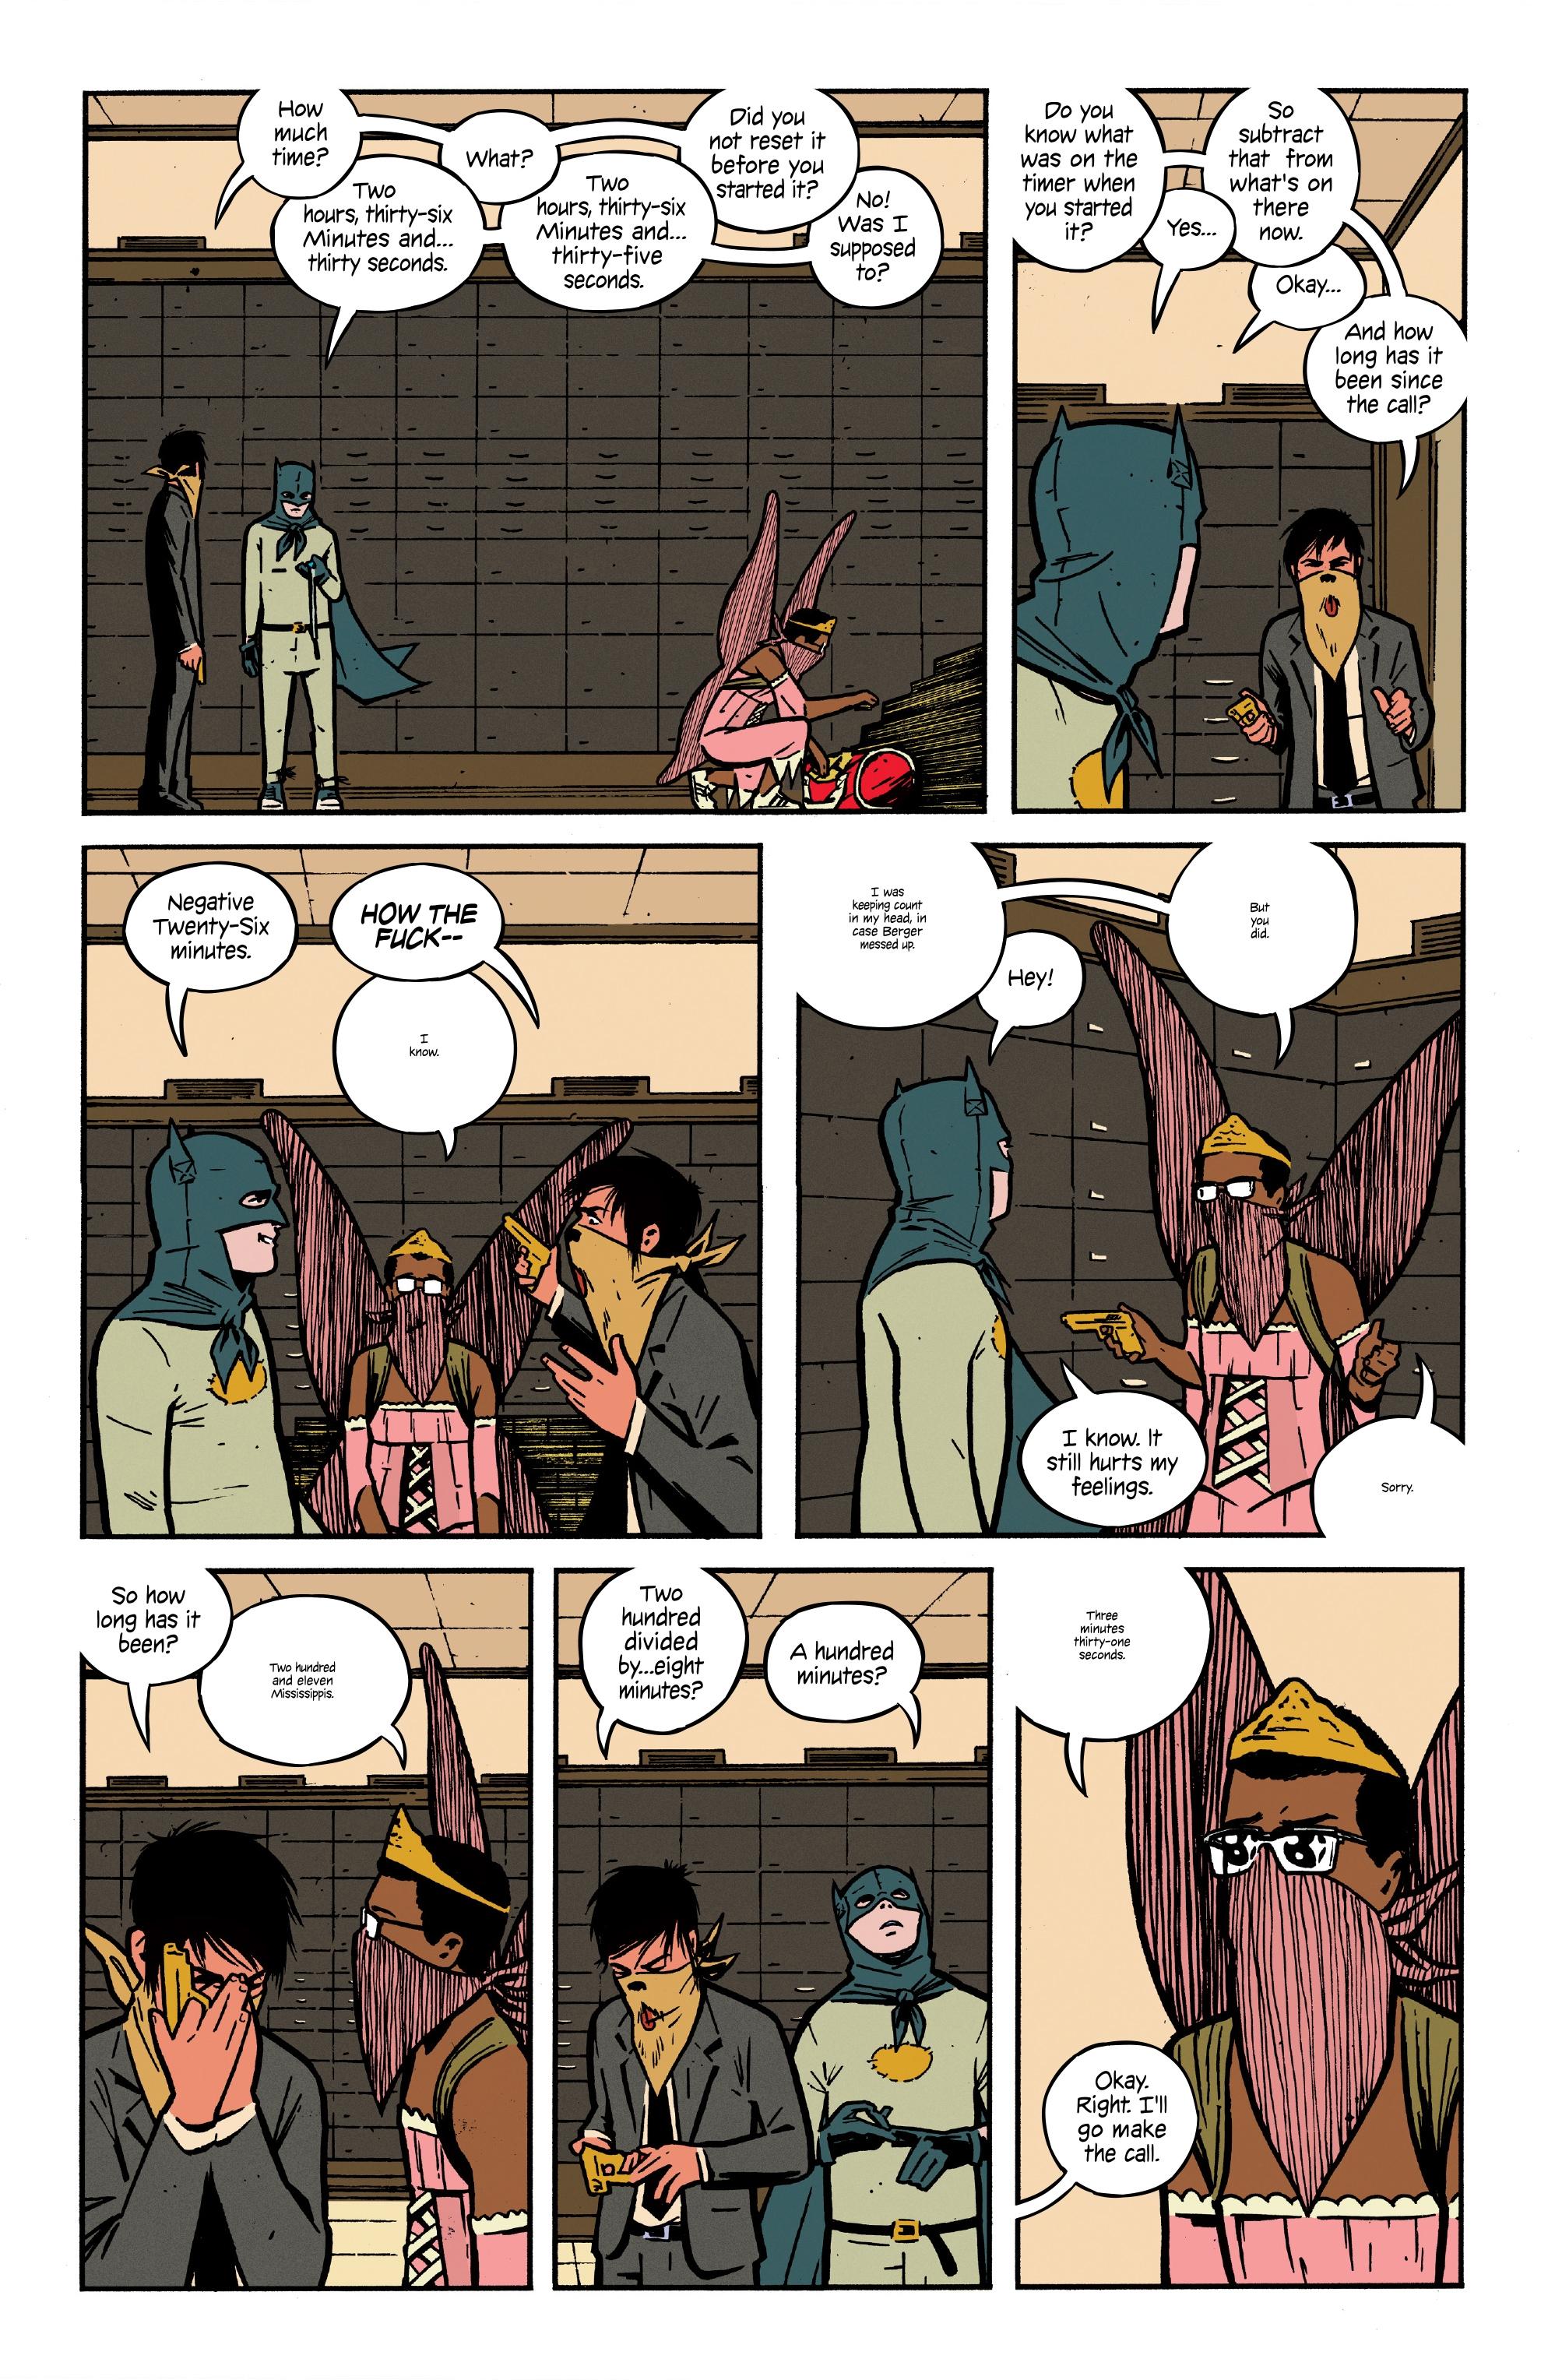 4个孩子走进银行(2016-): Chapter 5 - Page 4个孩子走进银行(2016-)